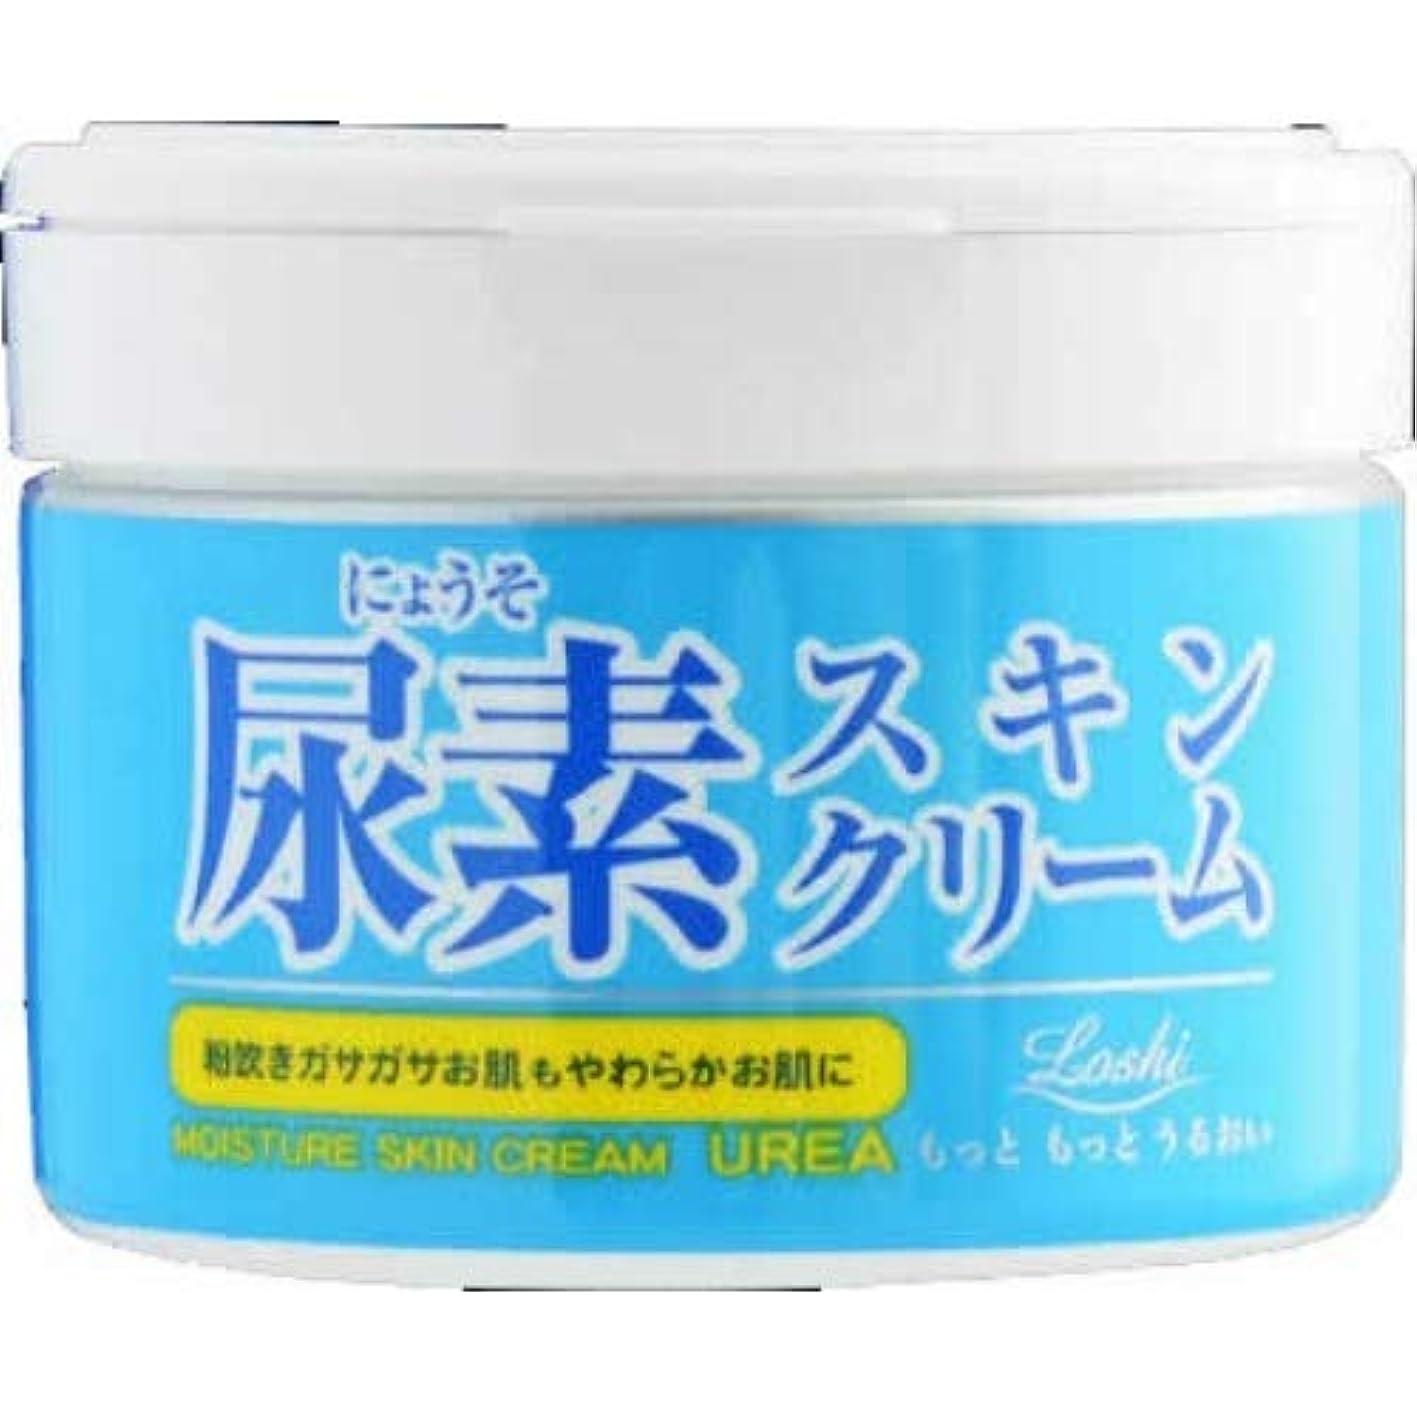 容器再編成するシャークロッシモイストエイド 尿素スキンクリーム × 12個セット